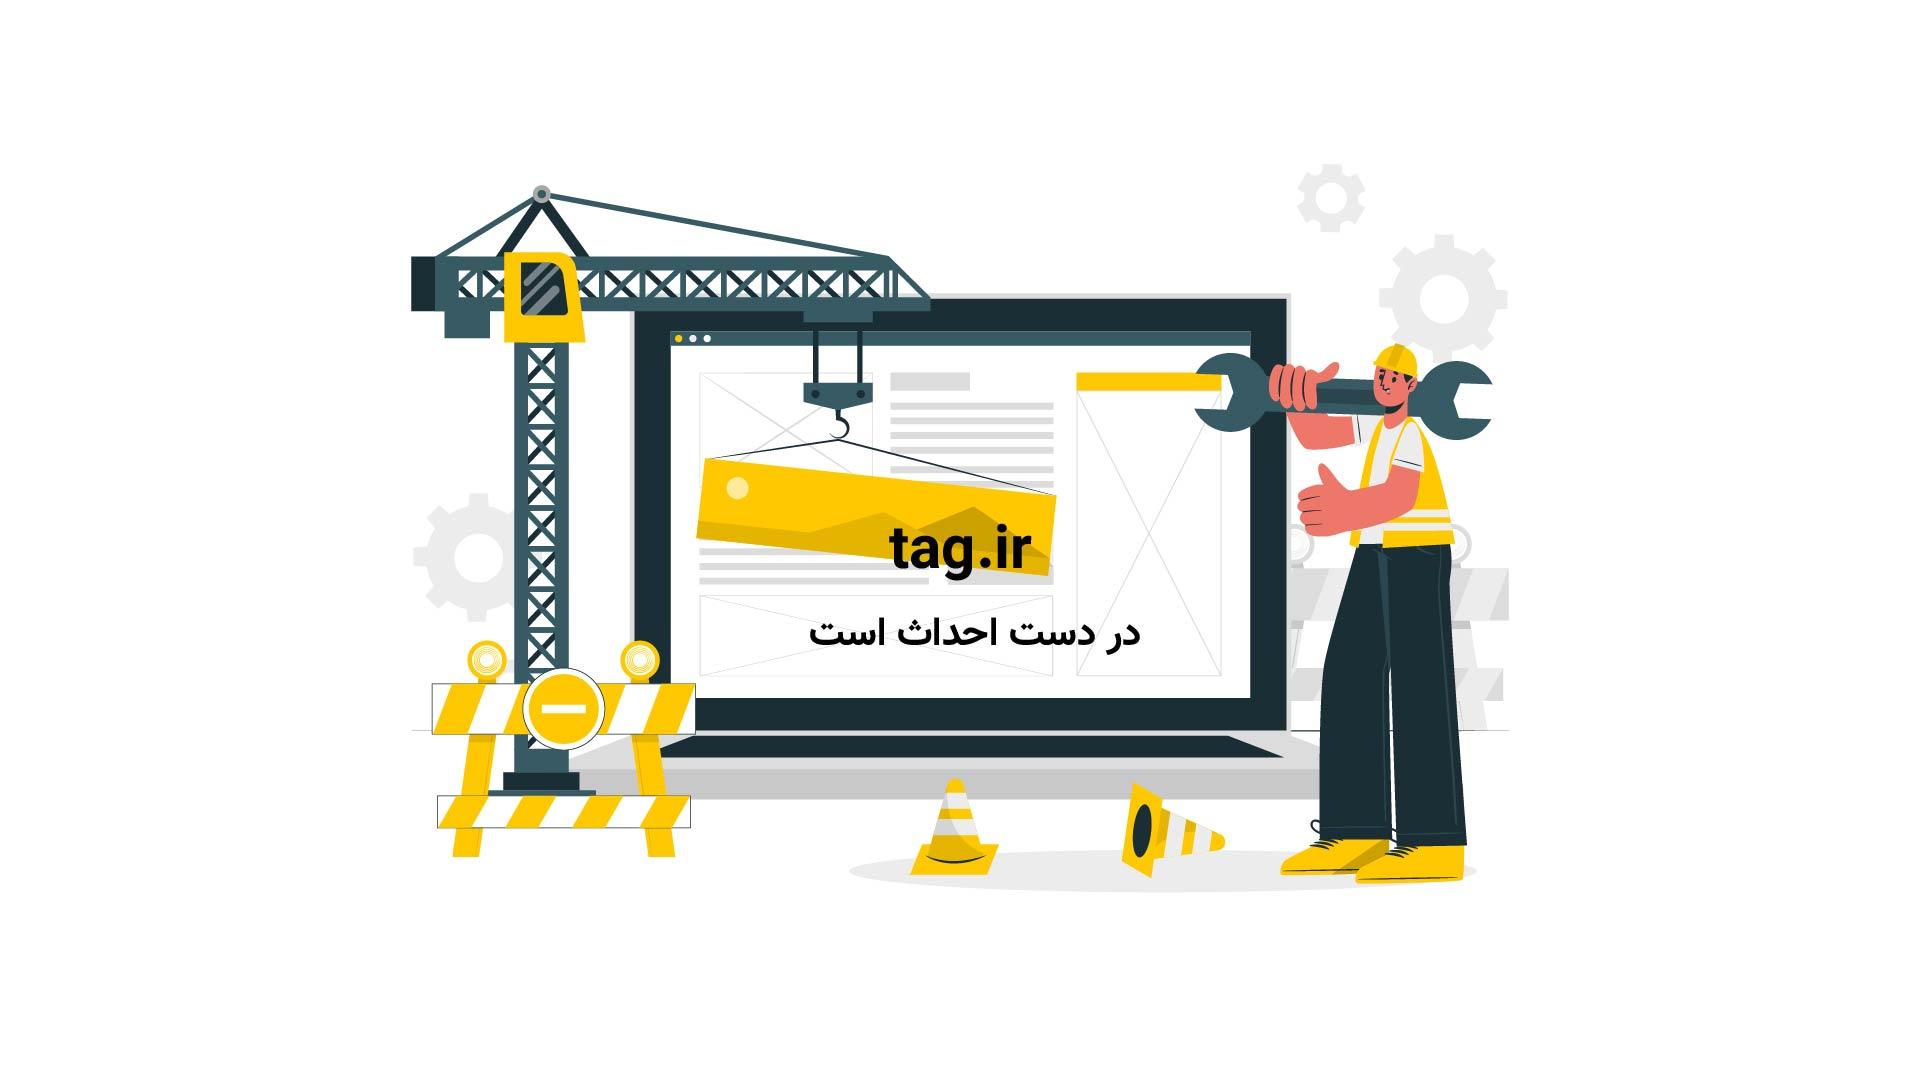 انسان و حیوان | تگ